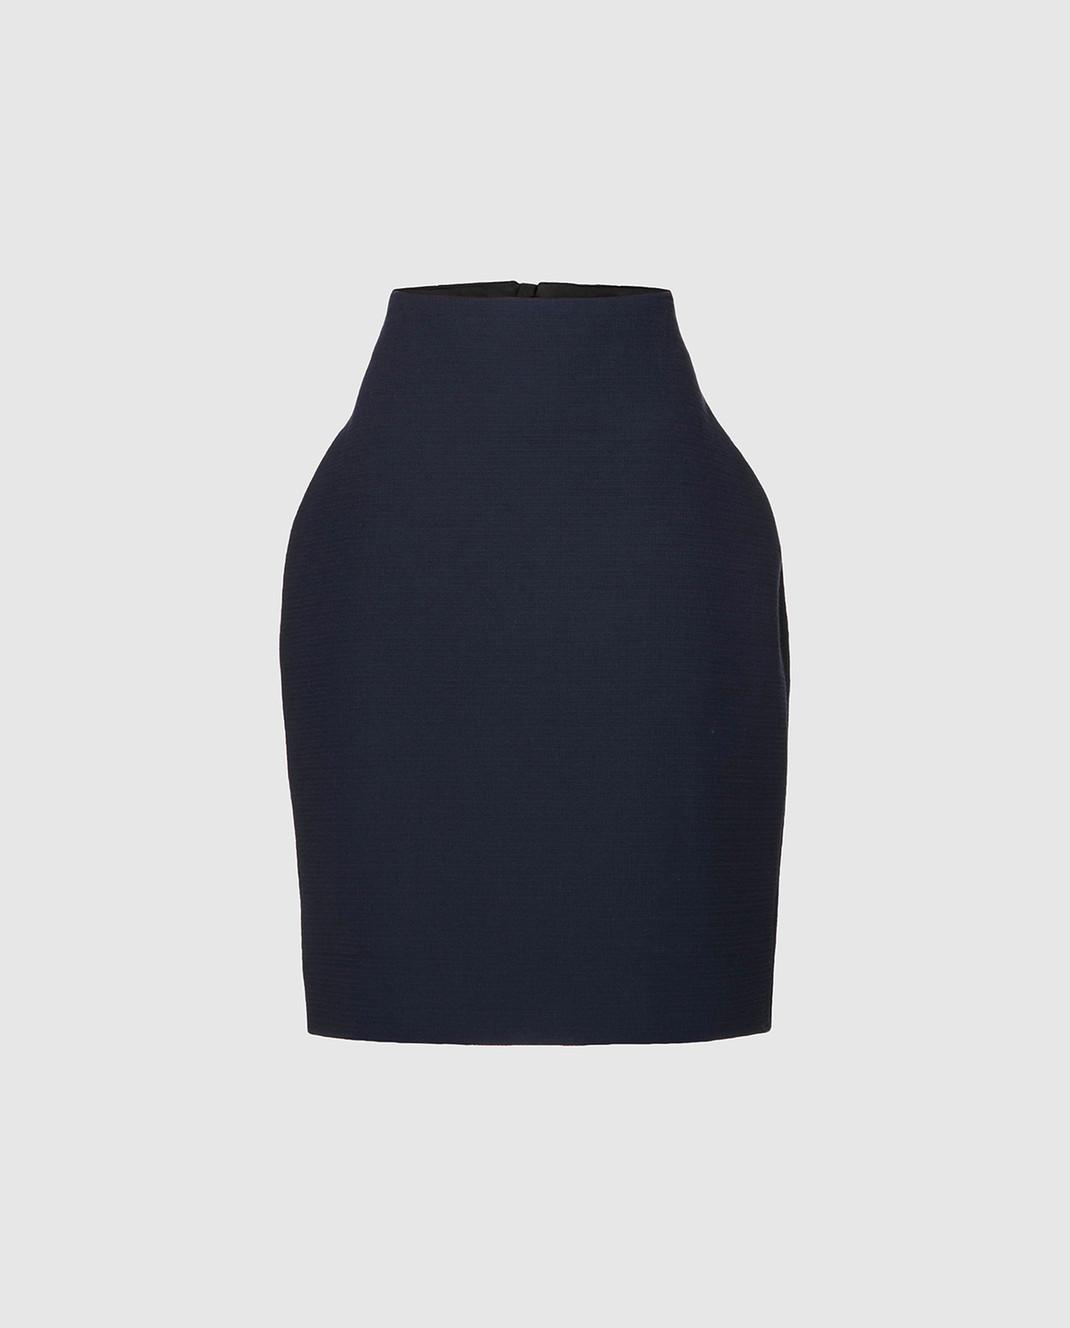 NINA RICCI Темно-синяя юбка 18PCJU002C00864